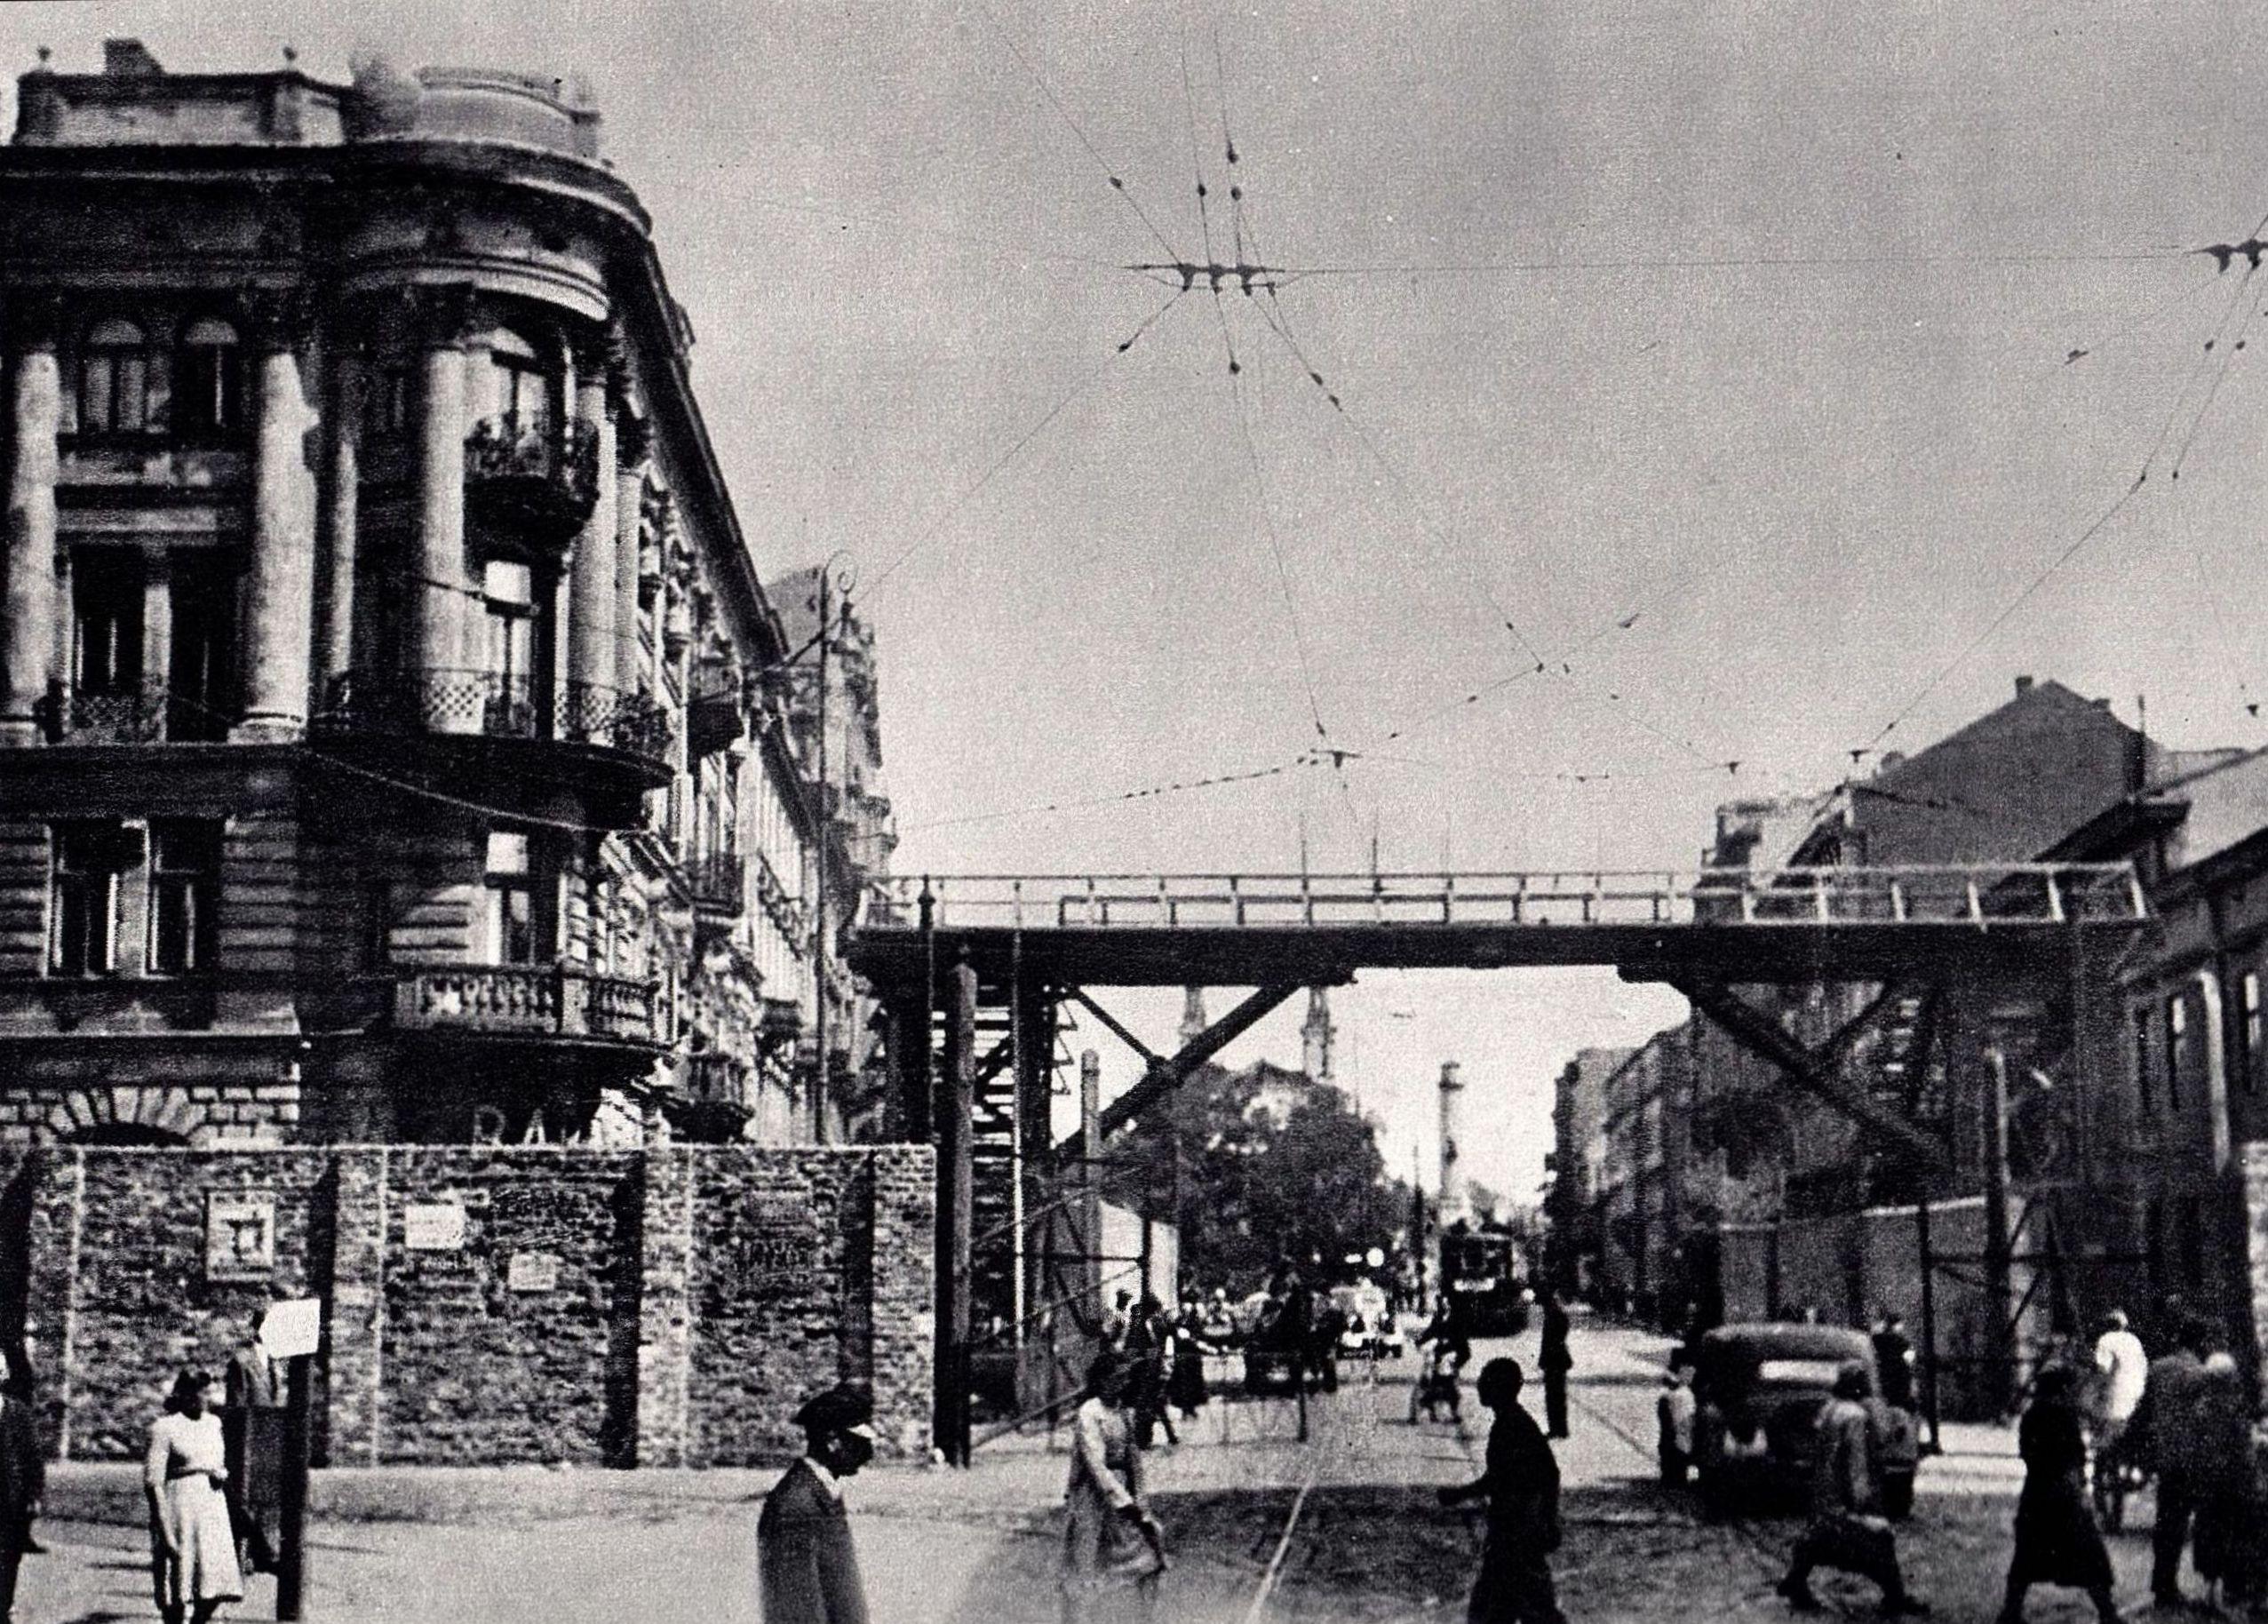 Gyaloghíd köti össze a gettó két részét.